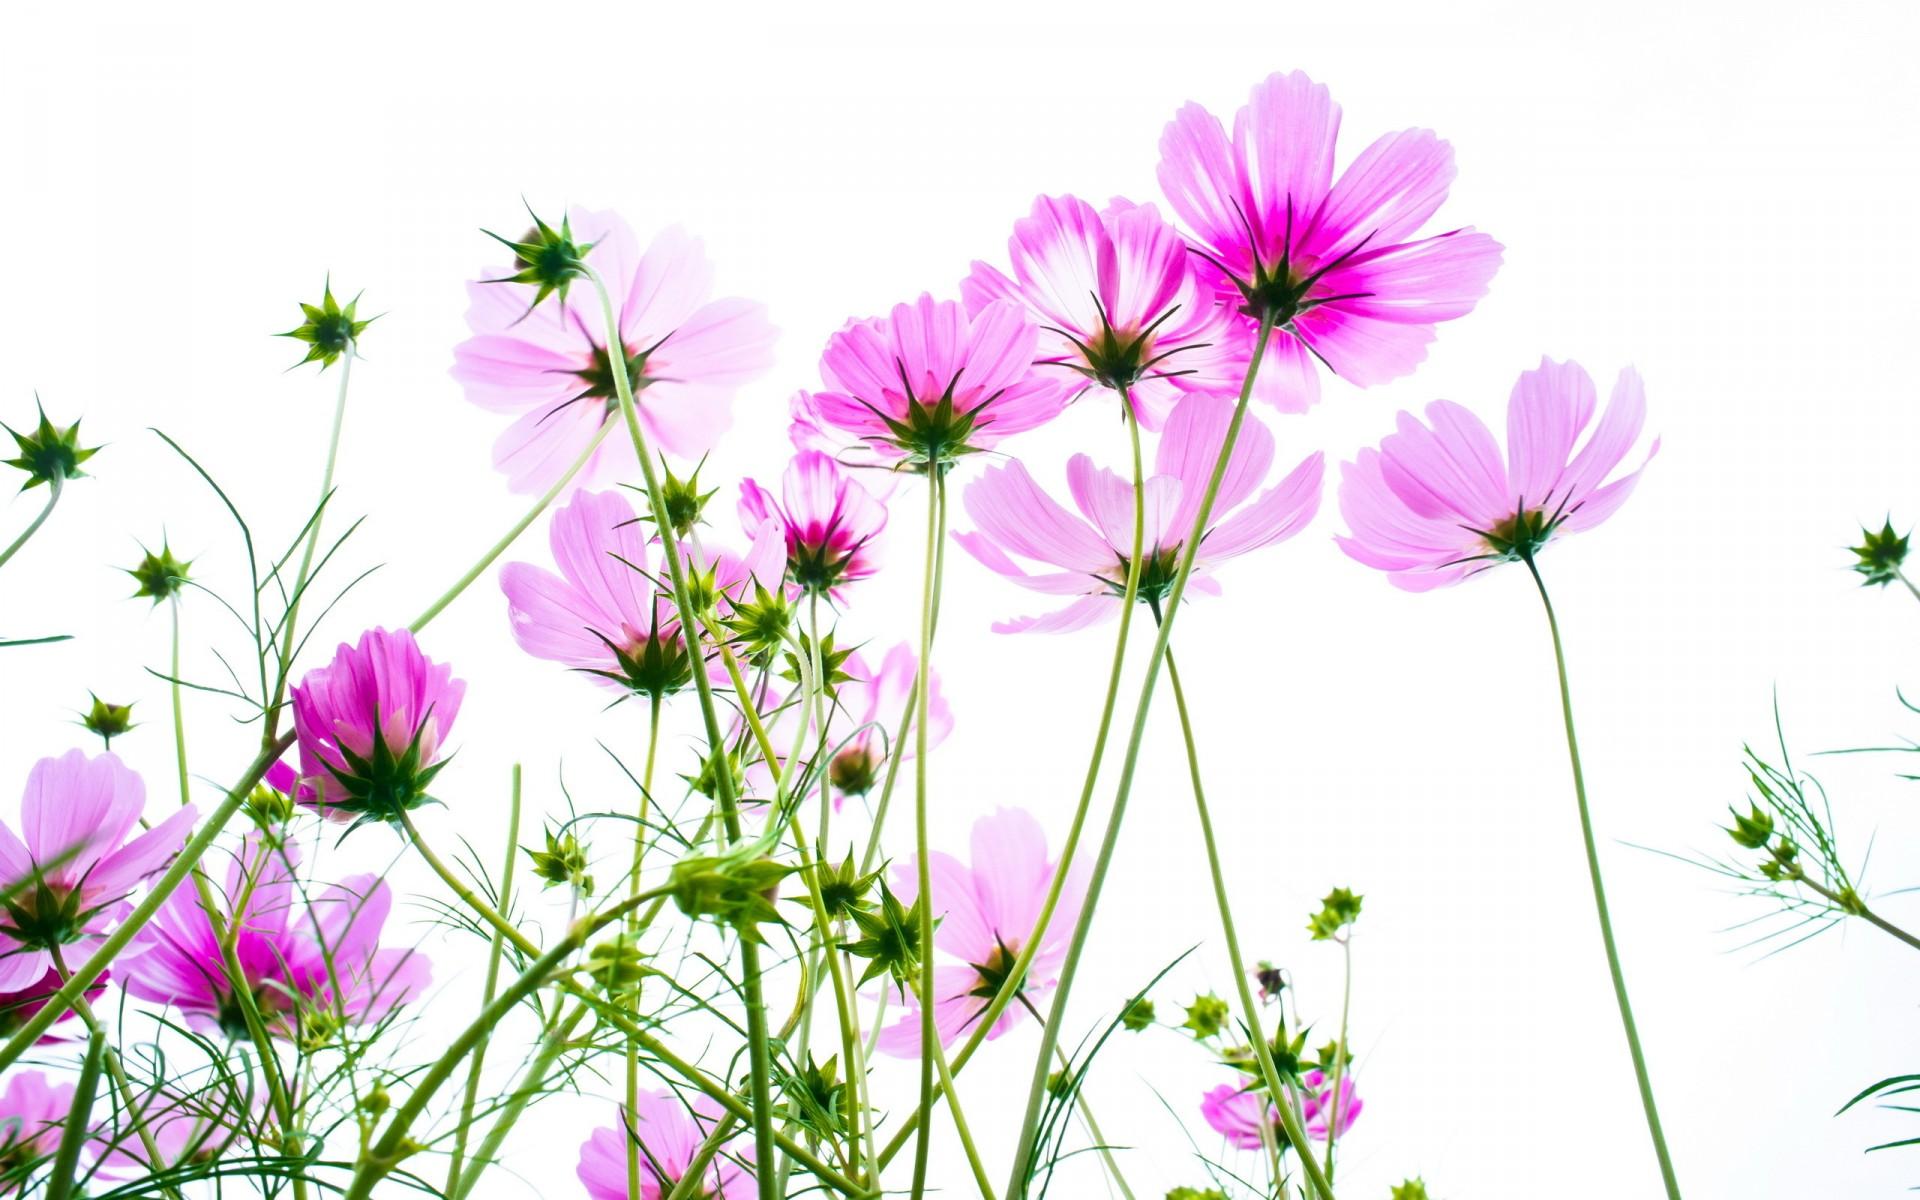 мягким картинка полевые цветы на прозрачном фоне установить